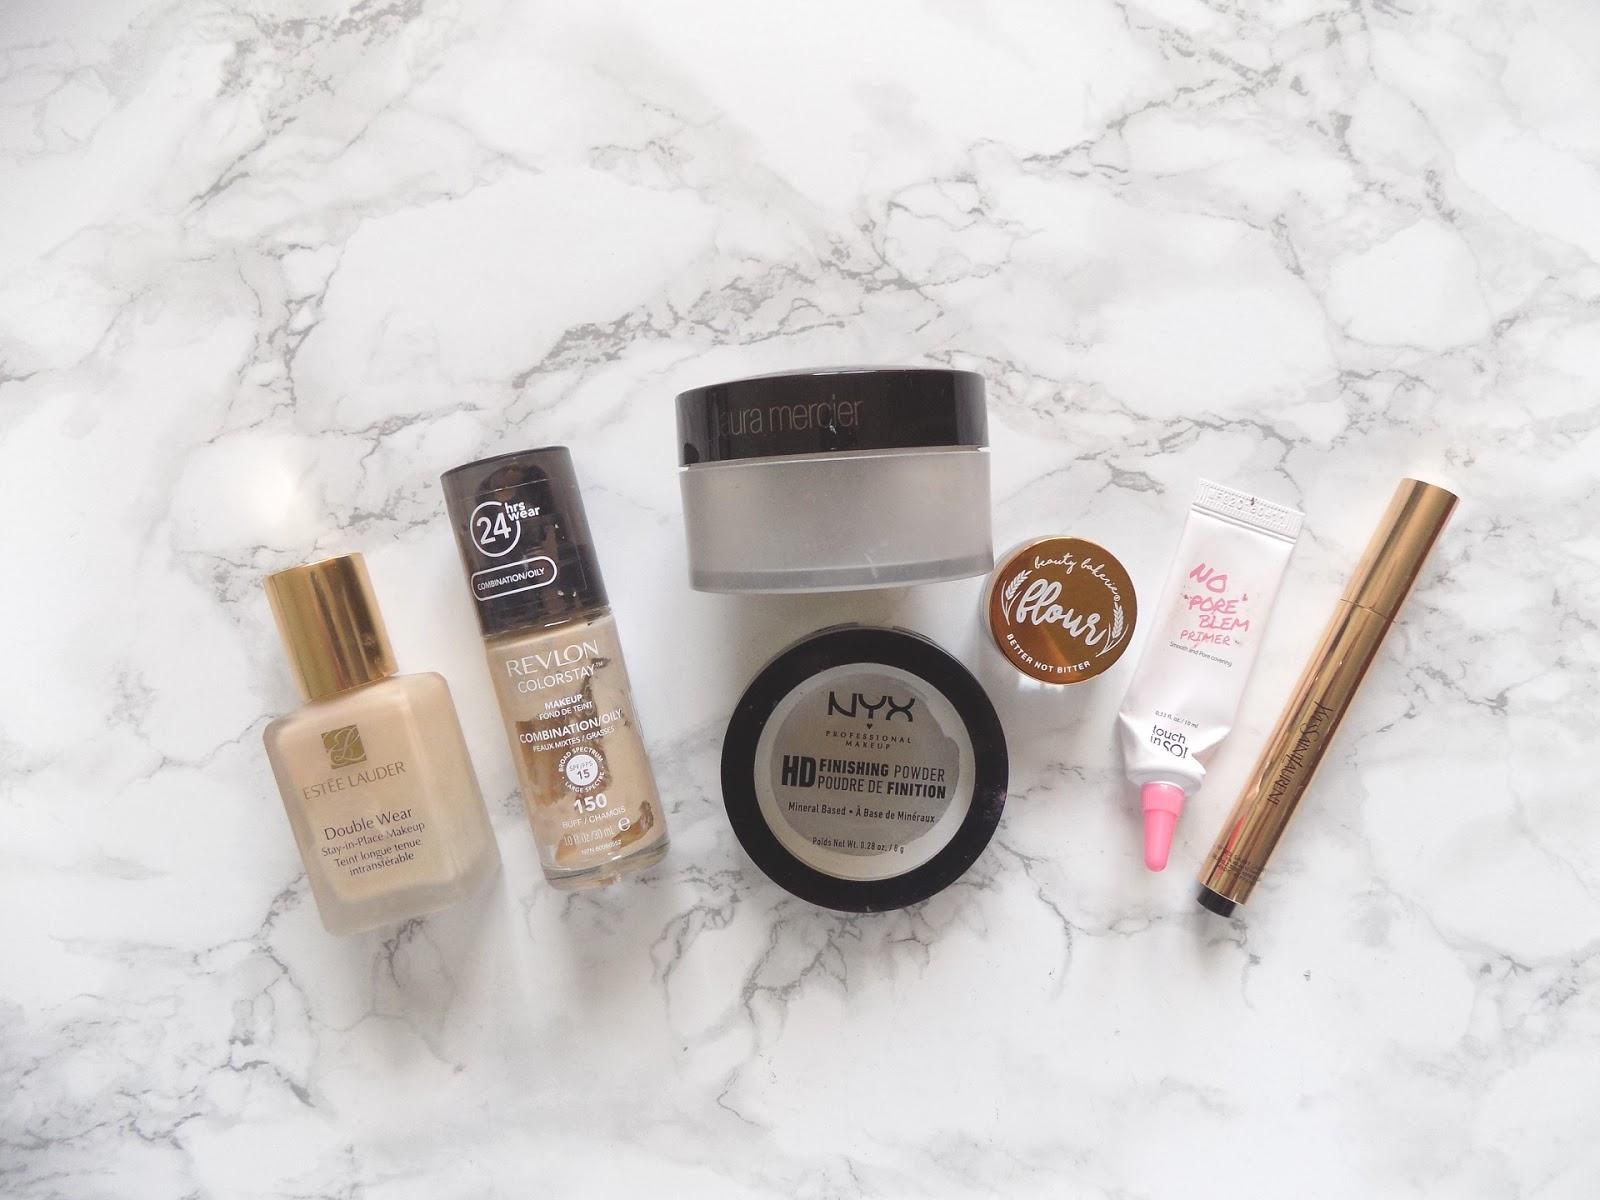 makeup empties Estée Lauder Laura mercier revlon review